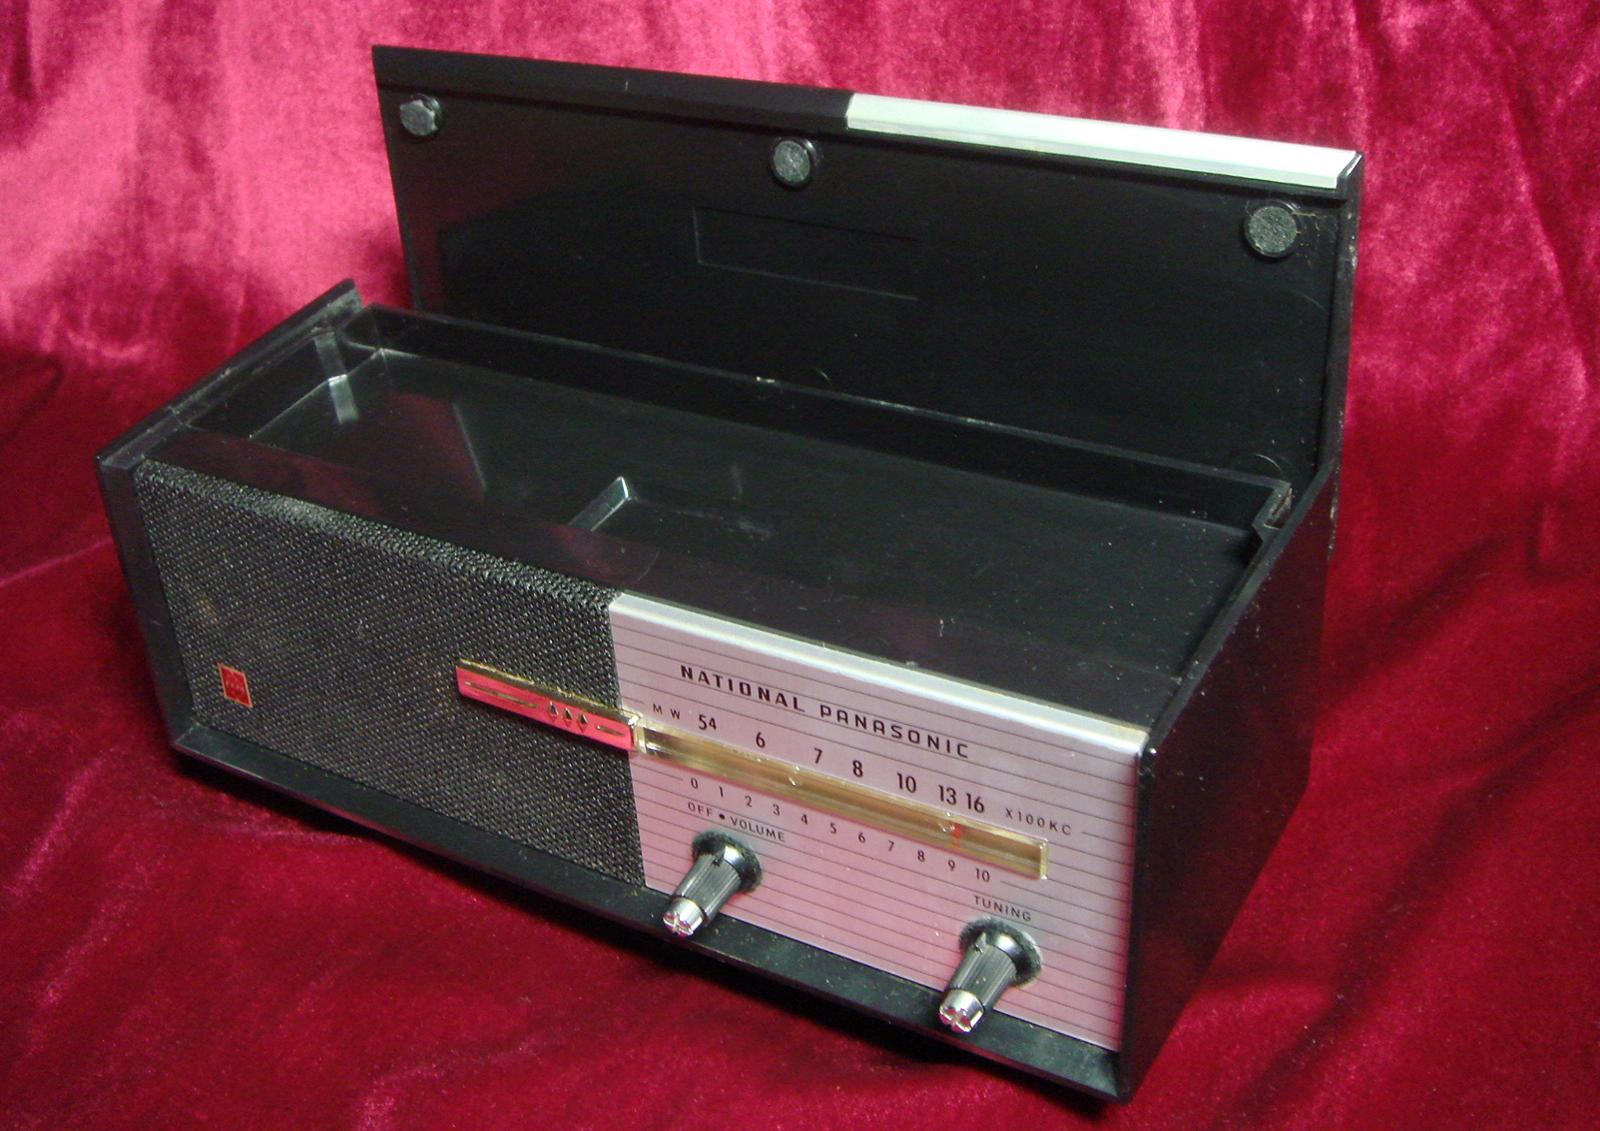 ナショナル小型ラジオ Japan製 昭和レトロ ヴィンテージ【AJ1875】